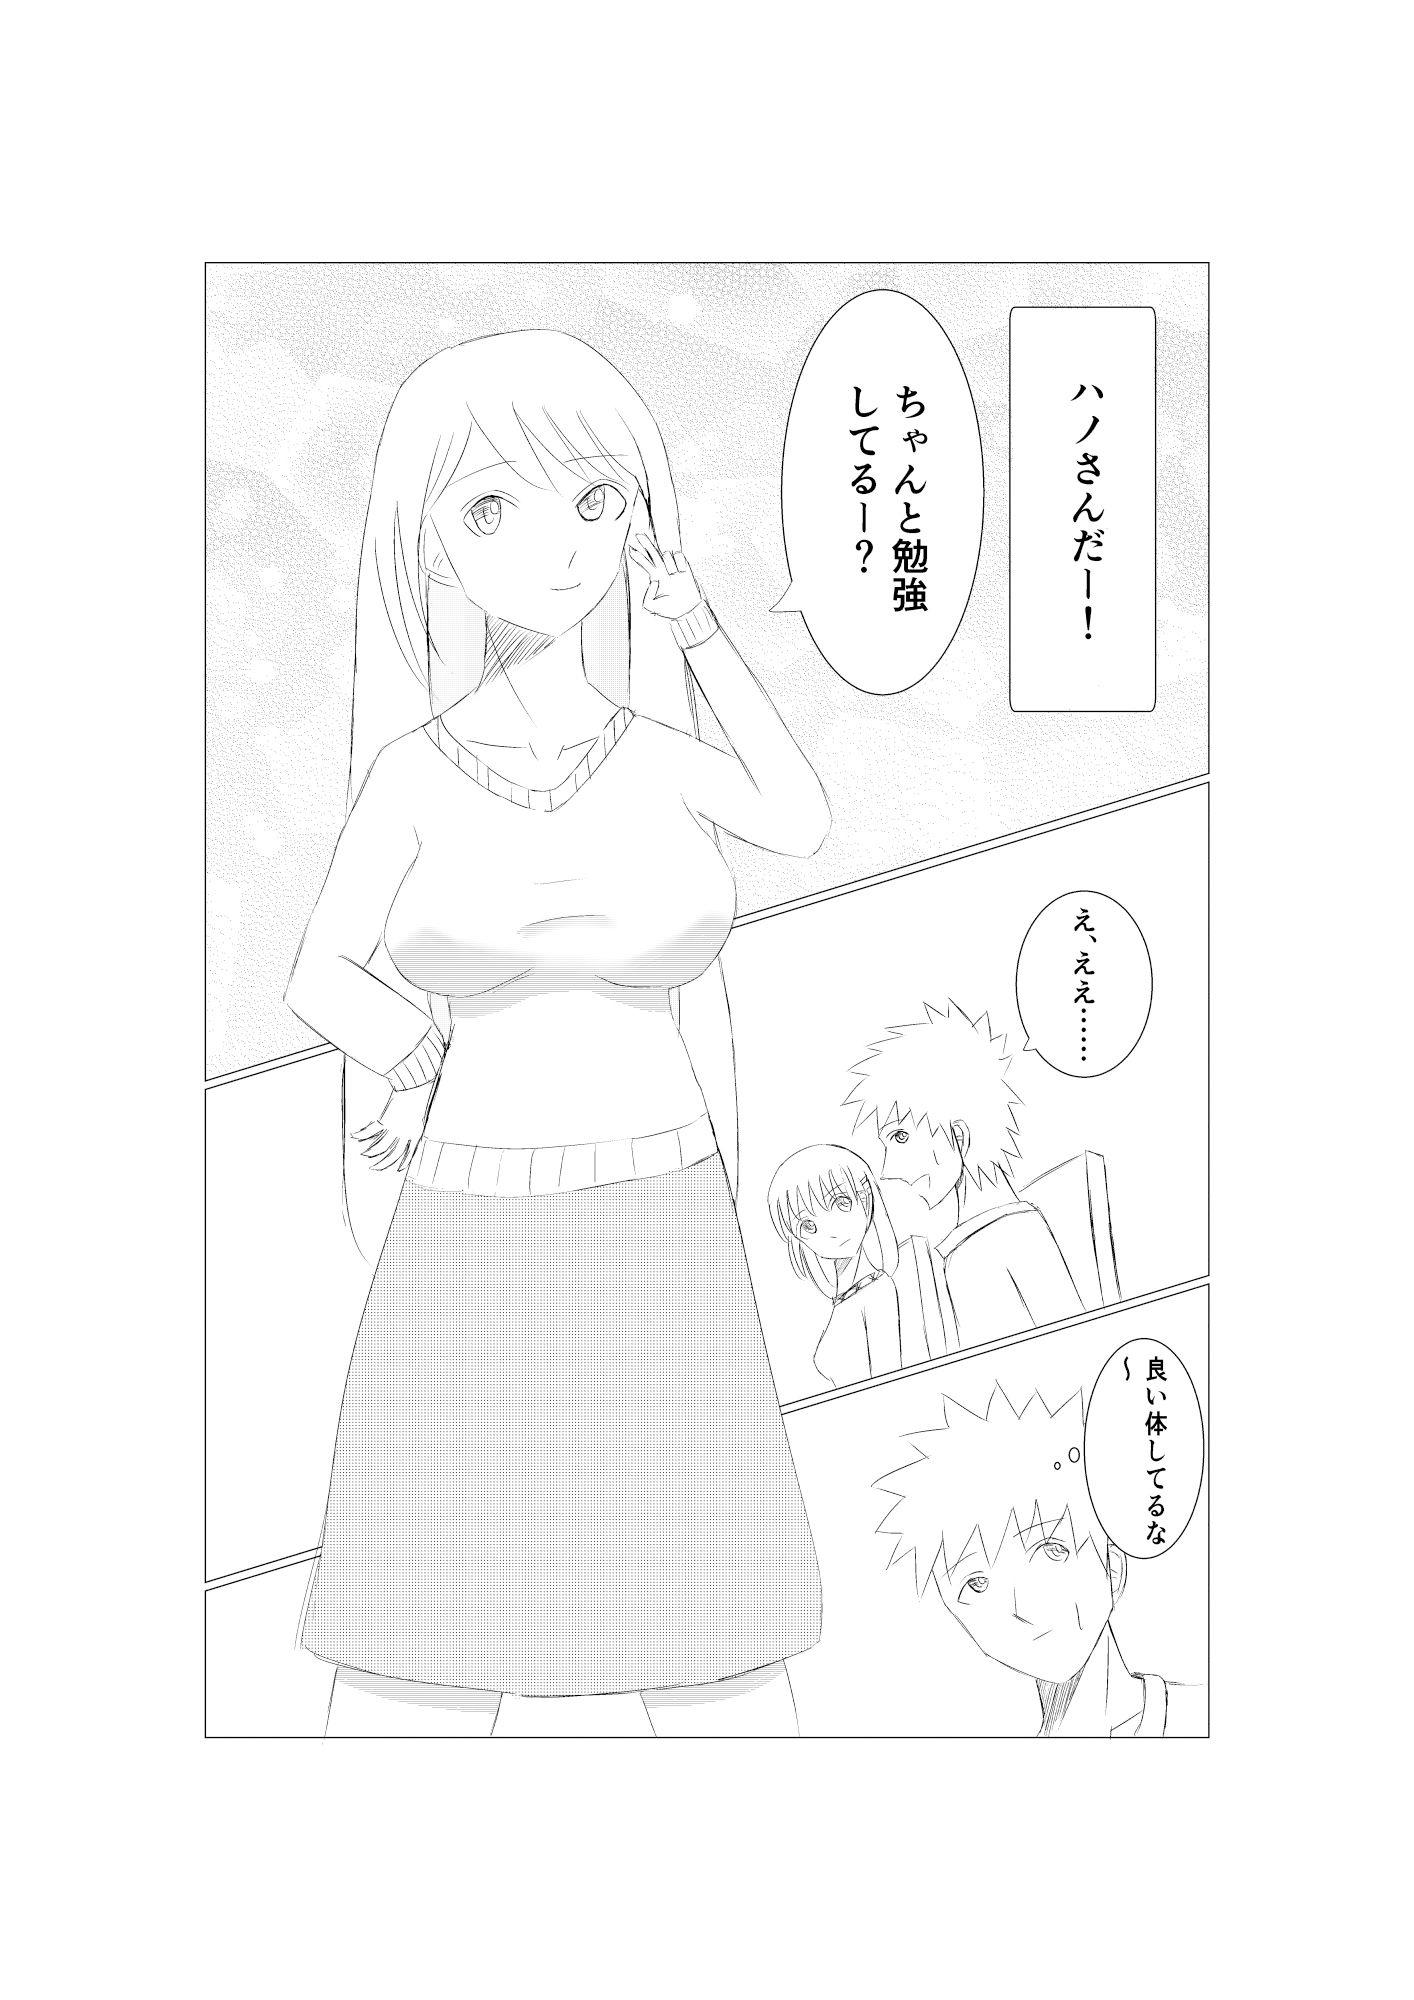 誘惑人妻 ハノ